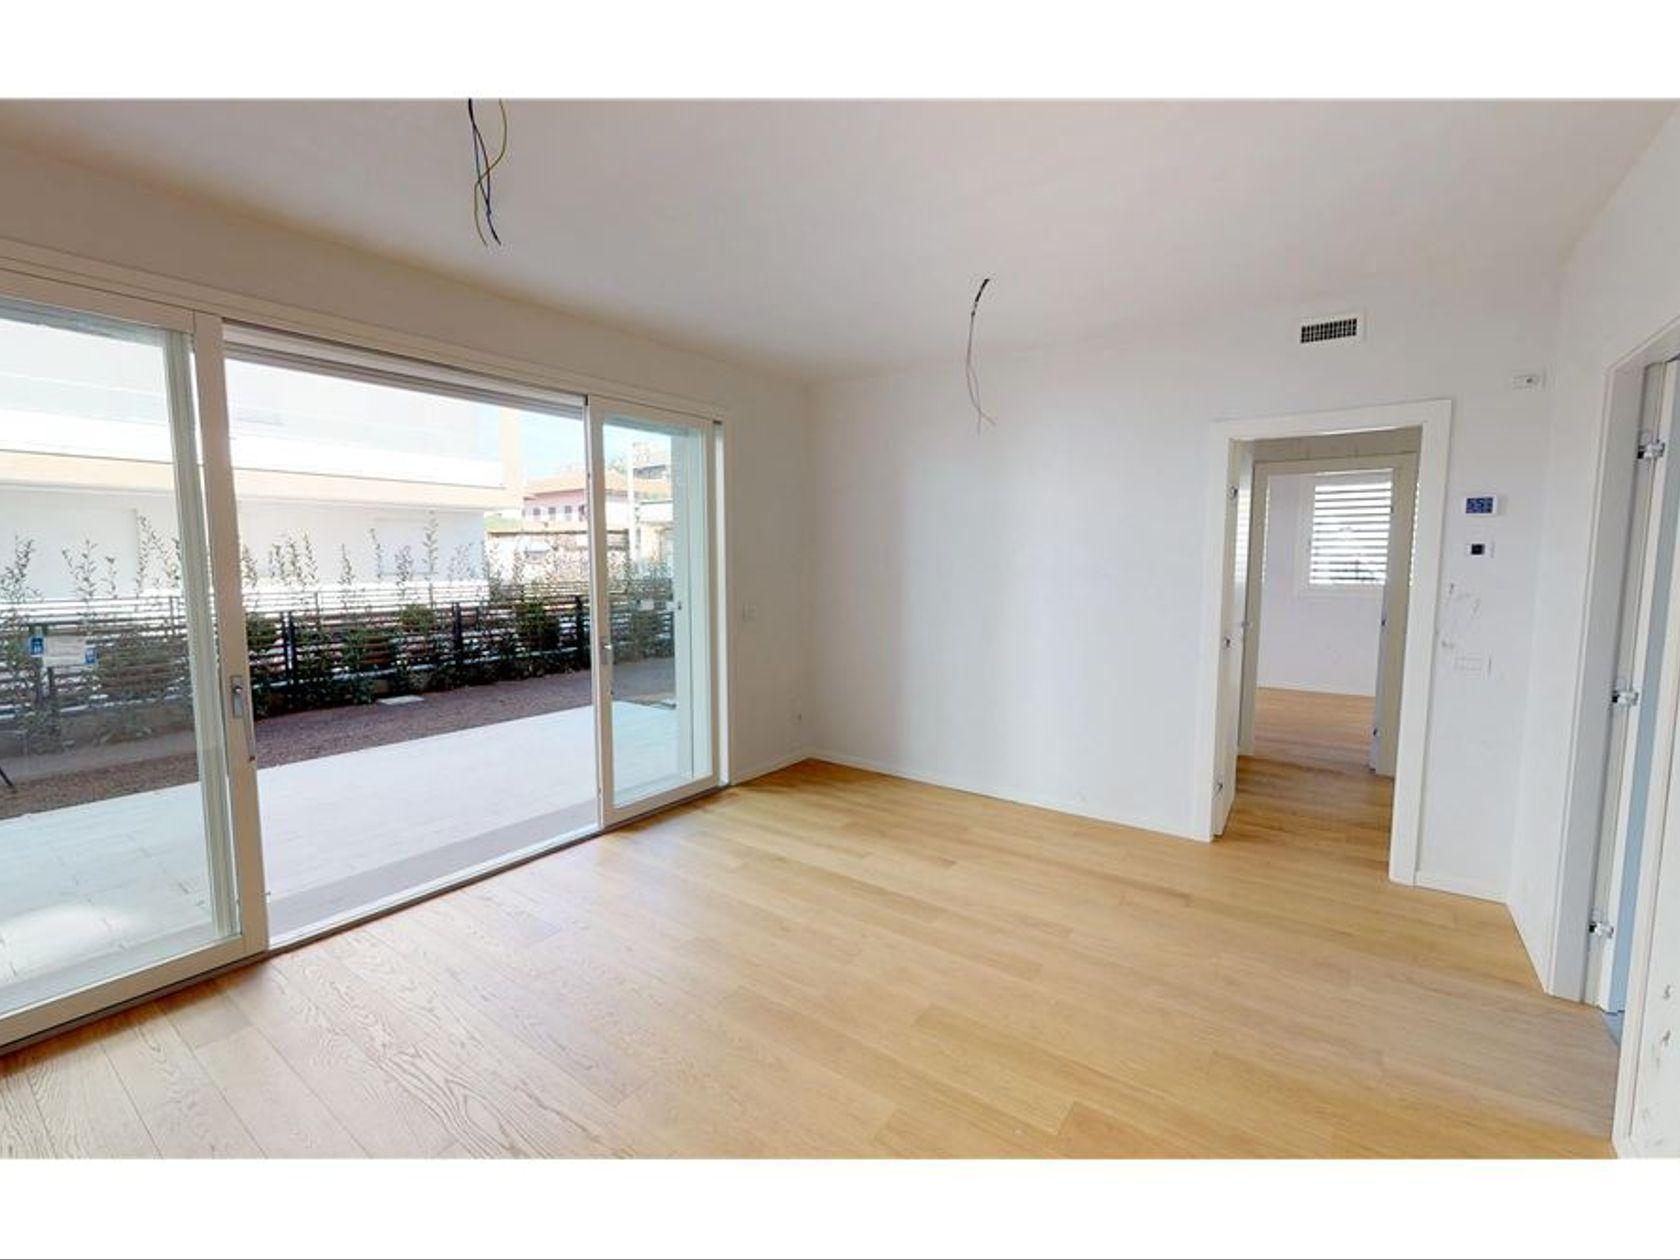 Appartamento Parabiago, MI Vendita - Foto 3